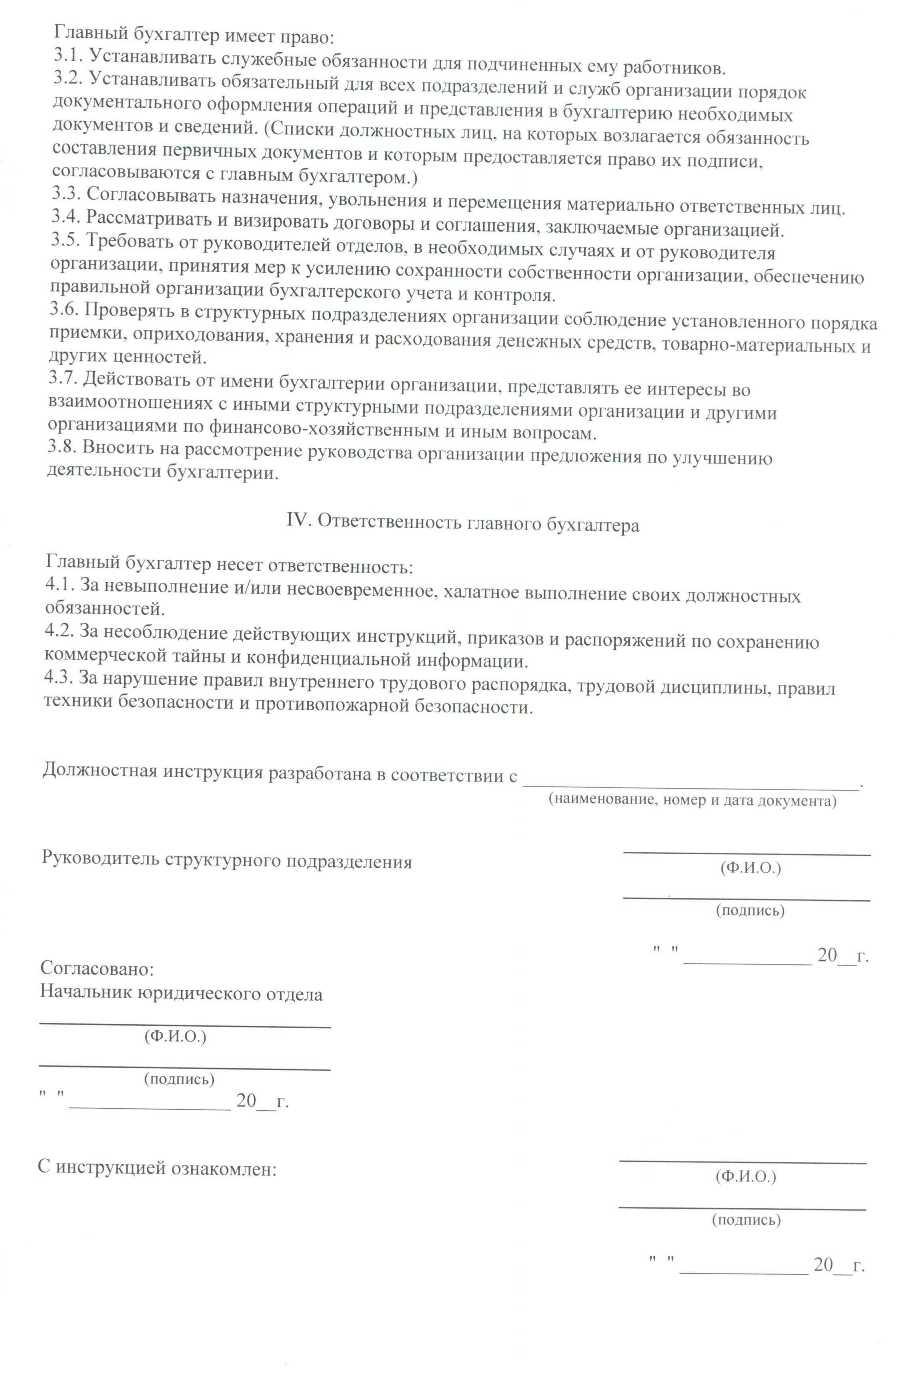 должностная инструкция главного бухгалтера ооо образец скачать